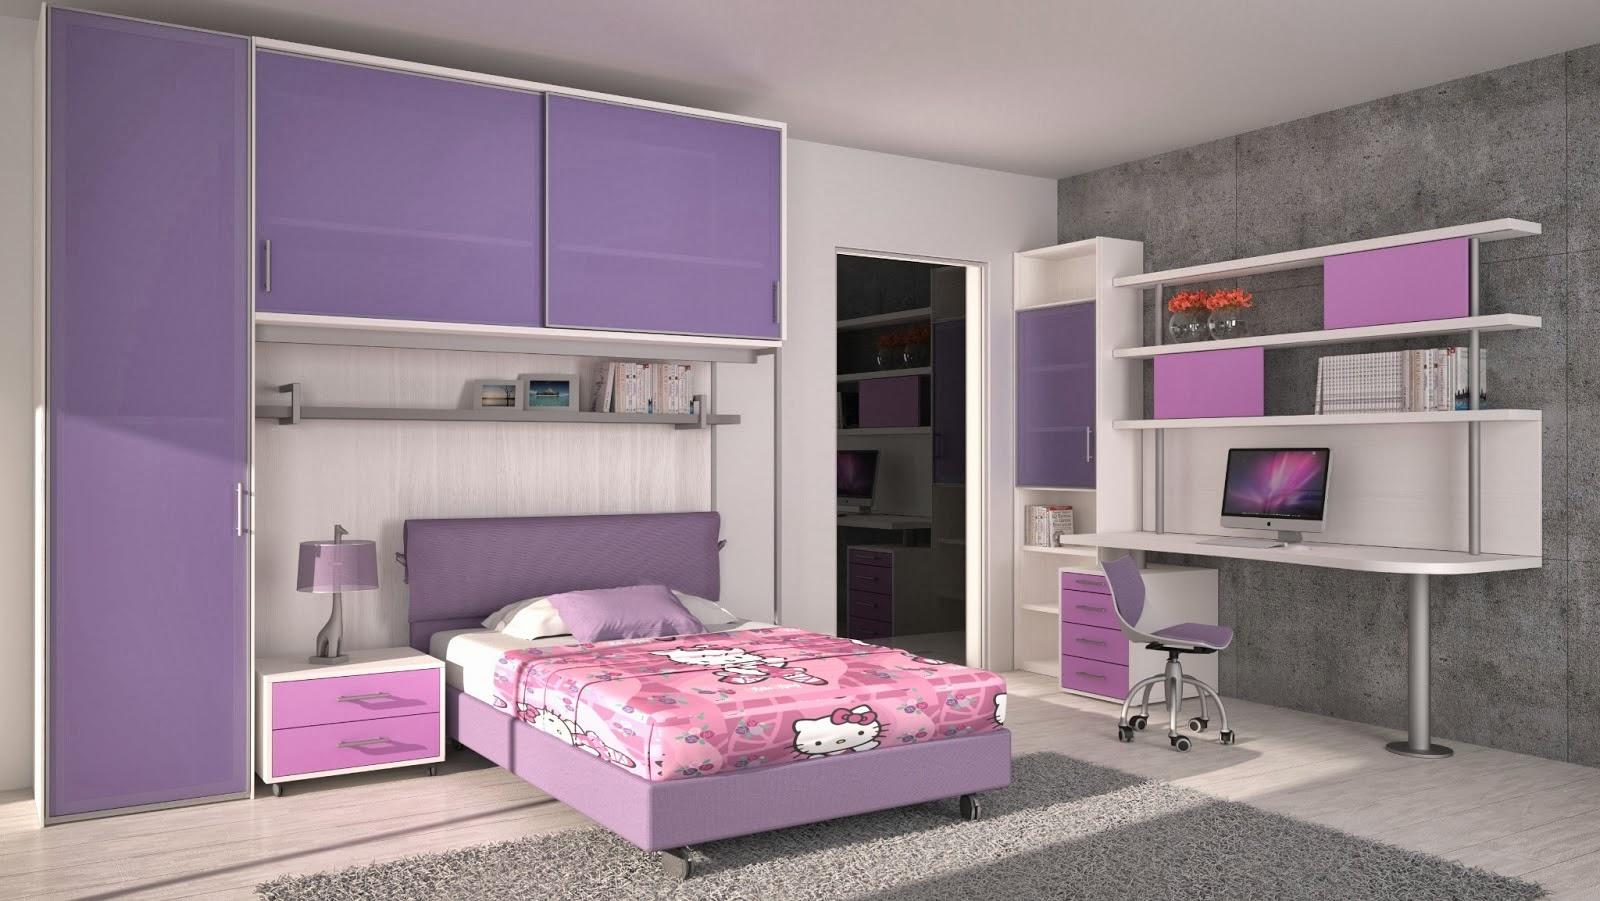 Cuarto de ni a en rosa y lila dormitorios colores y estilos for Dormitorios para ninas